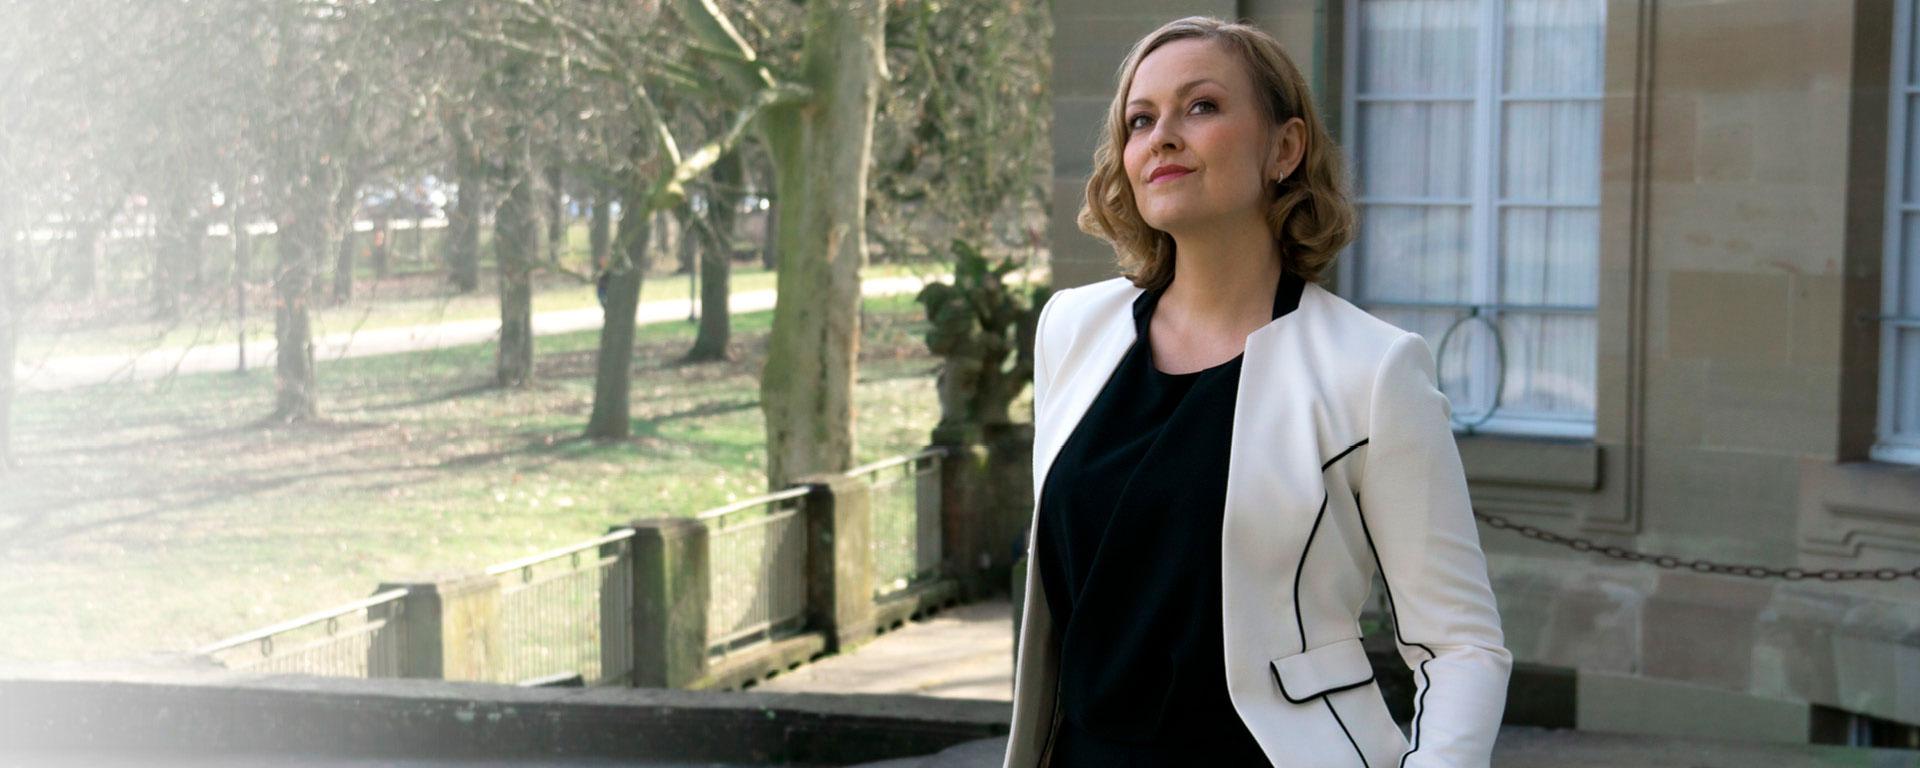 Kunden über Sängerin Melanie Casni Referenzen Meinungen